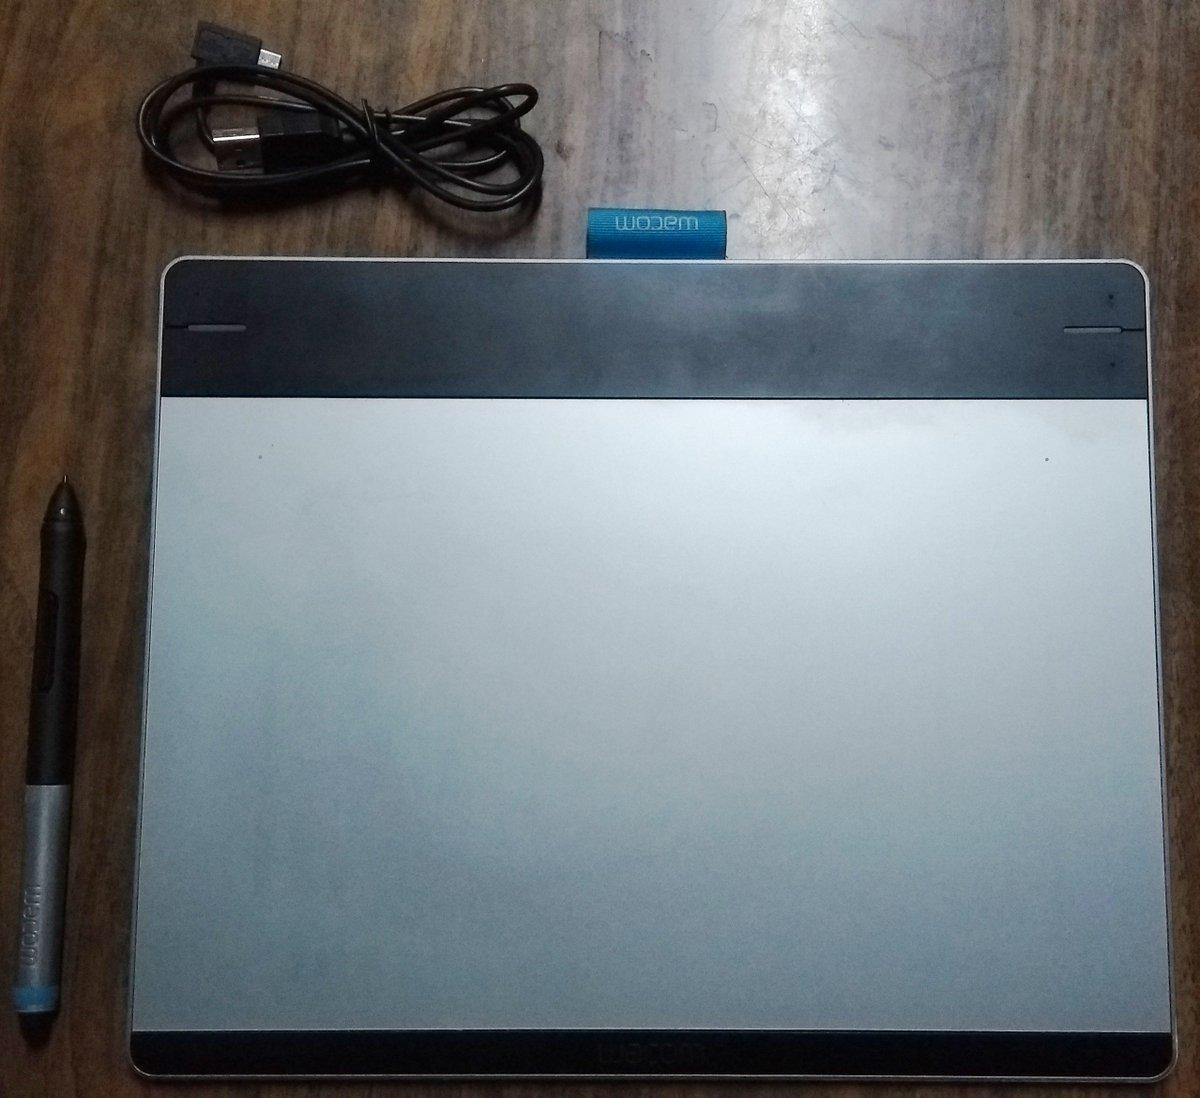 🇻🇪🇨🇱  Se vende Tableta Gráfica Wacom Intuos Pen & Touch Medium. 100.000 pesos chilenos, entrega personal sólo para Santiago. 3 de 4 puntas completas. Funcional (La vendo ya que necesito el dinero).  Se agradecen RTs 💜